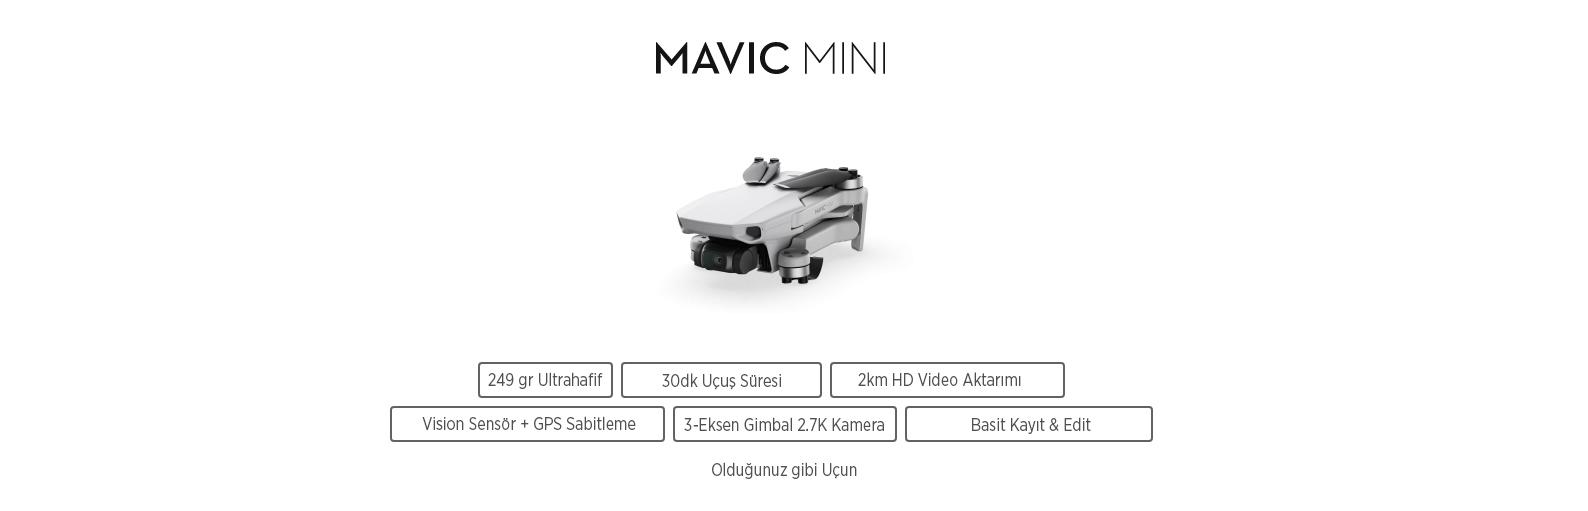 Mavic Mini Let creativity fly